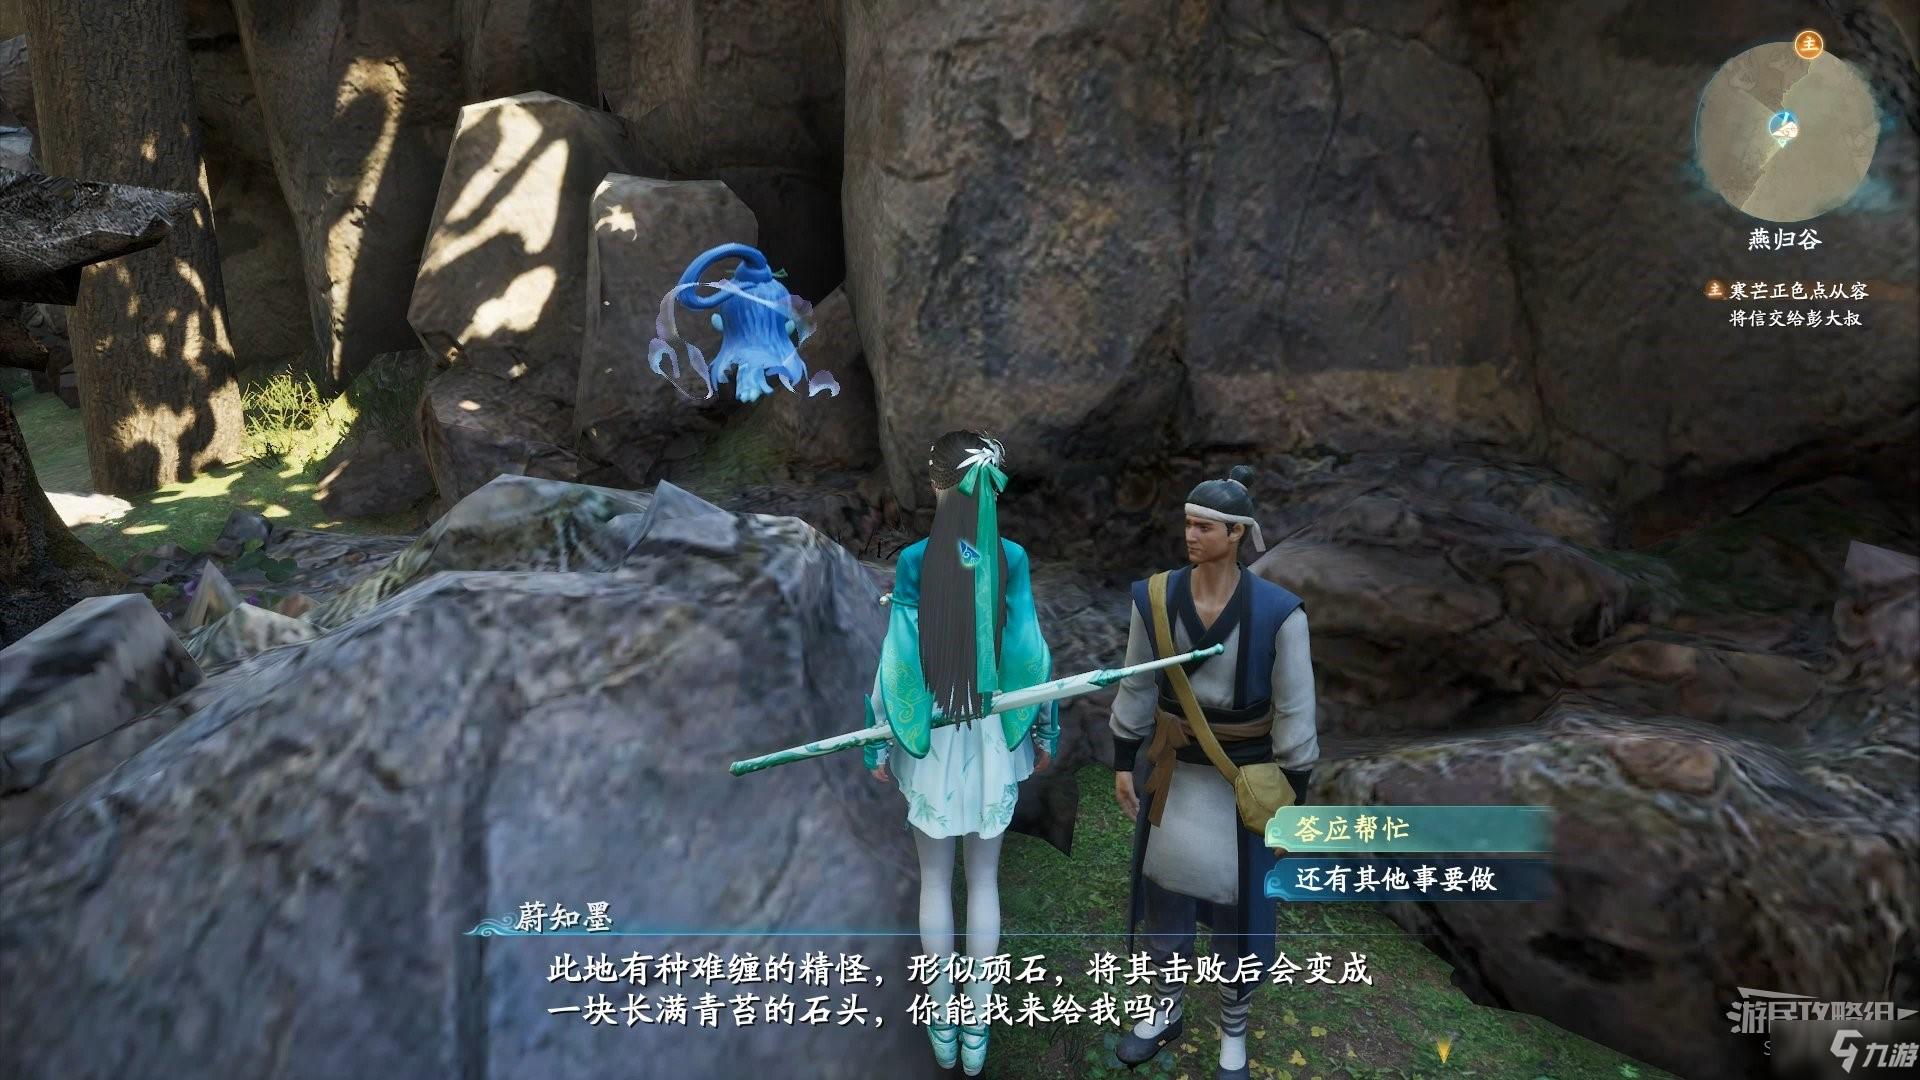 仙剑奇侠传7万物有灵壹流程图文攻略 支线任务攻略